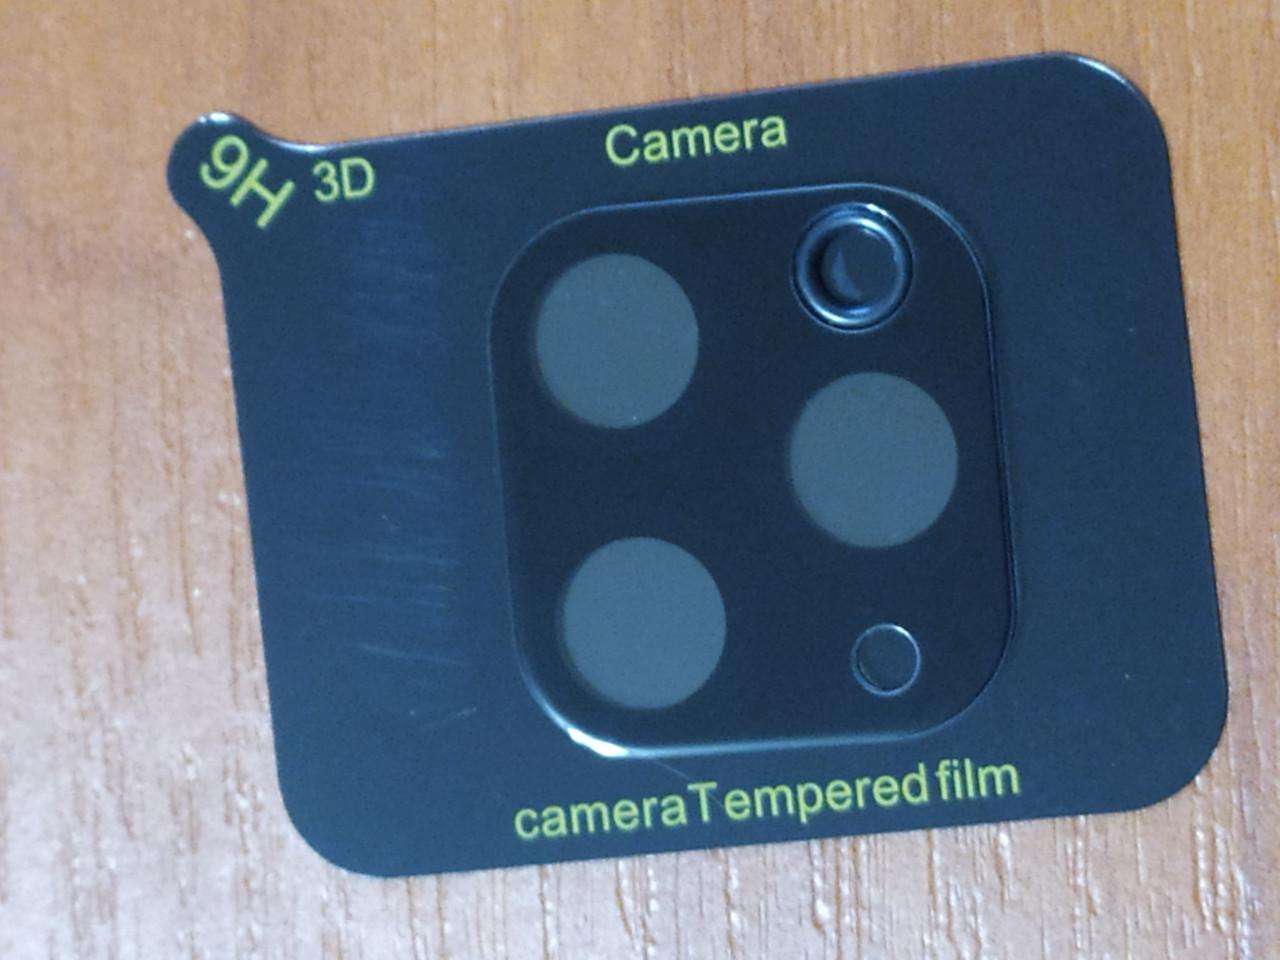 Стекло на камеру Camera  Tempered Glass 3D / 9H  iPhone 11 Pro Max  2019  (черное)